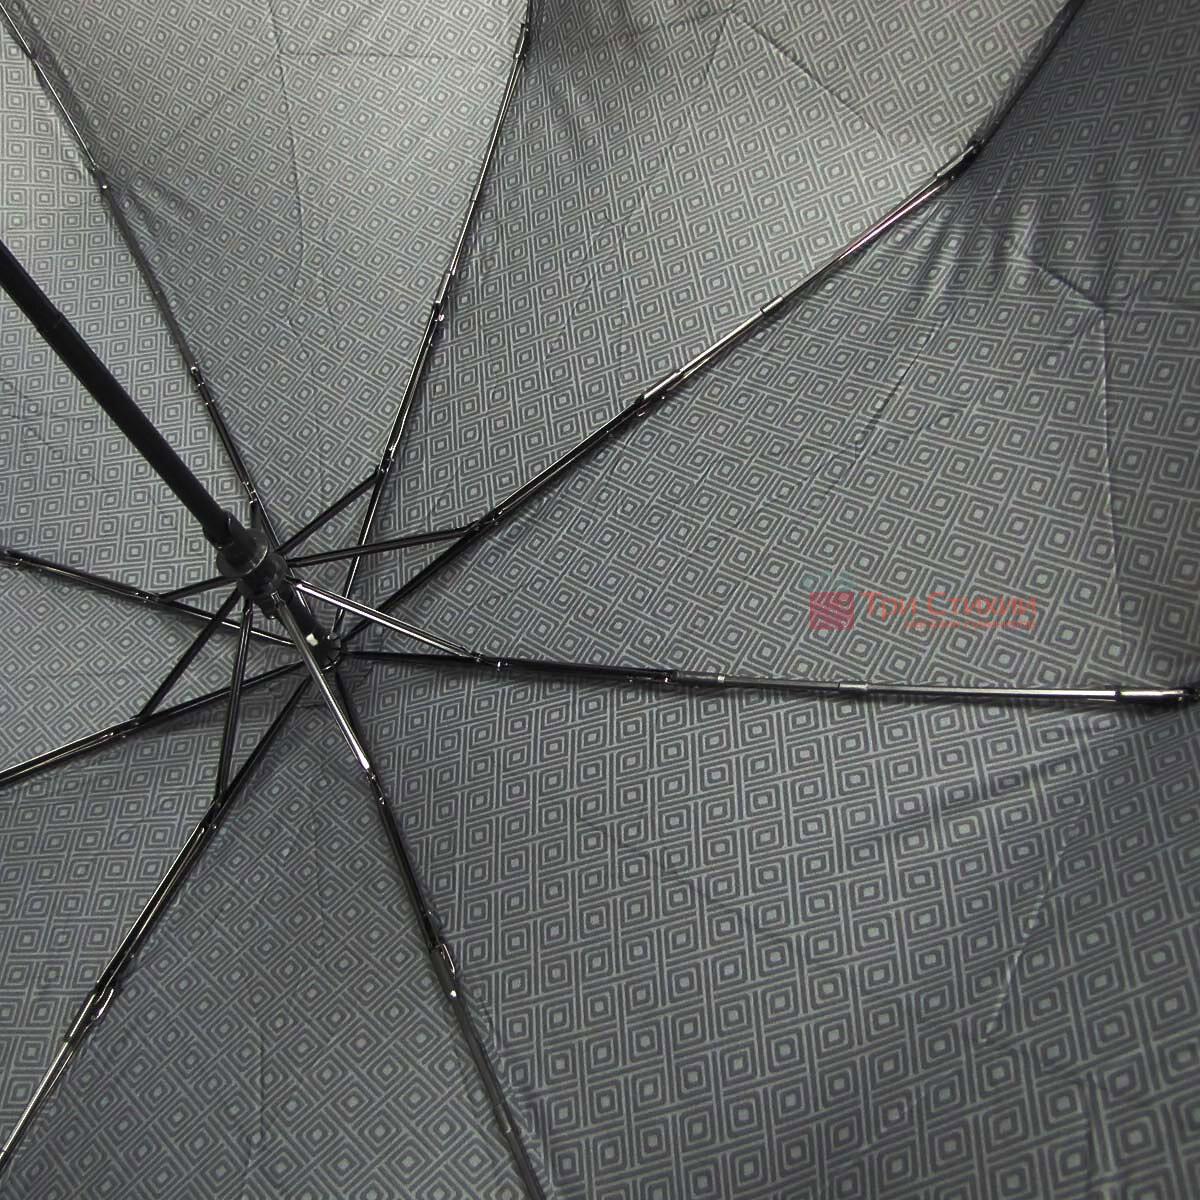 Зонт складной Doppler XM 74367N-2 полный автомат Ромб, фото 4